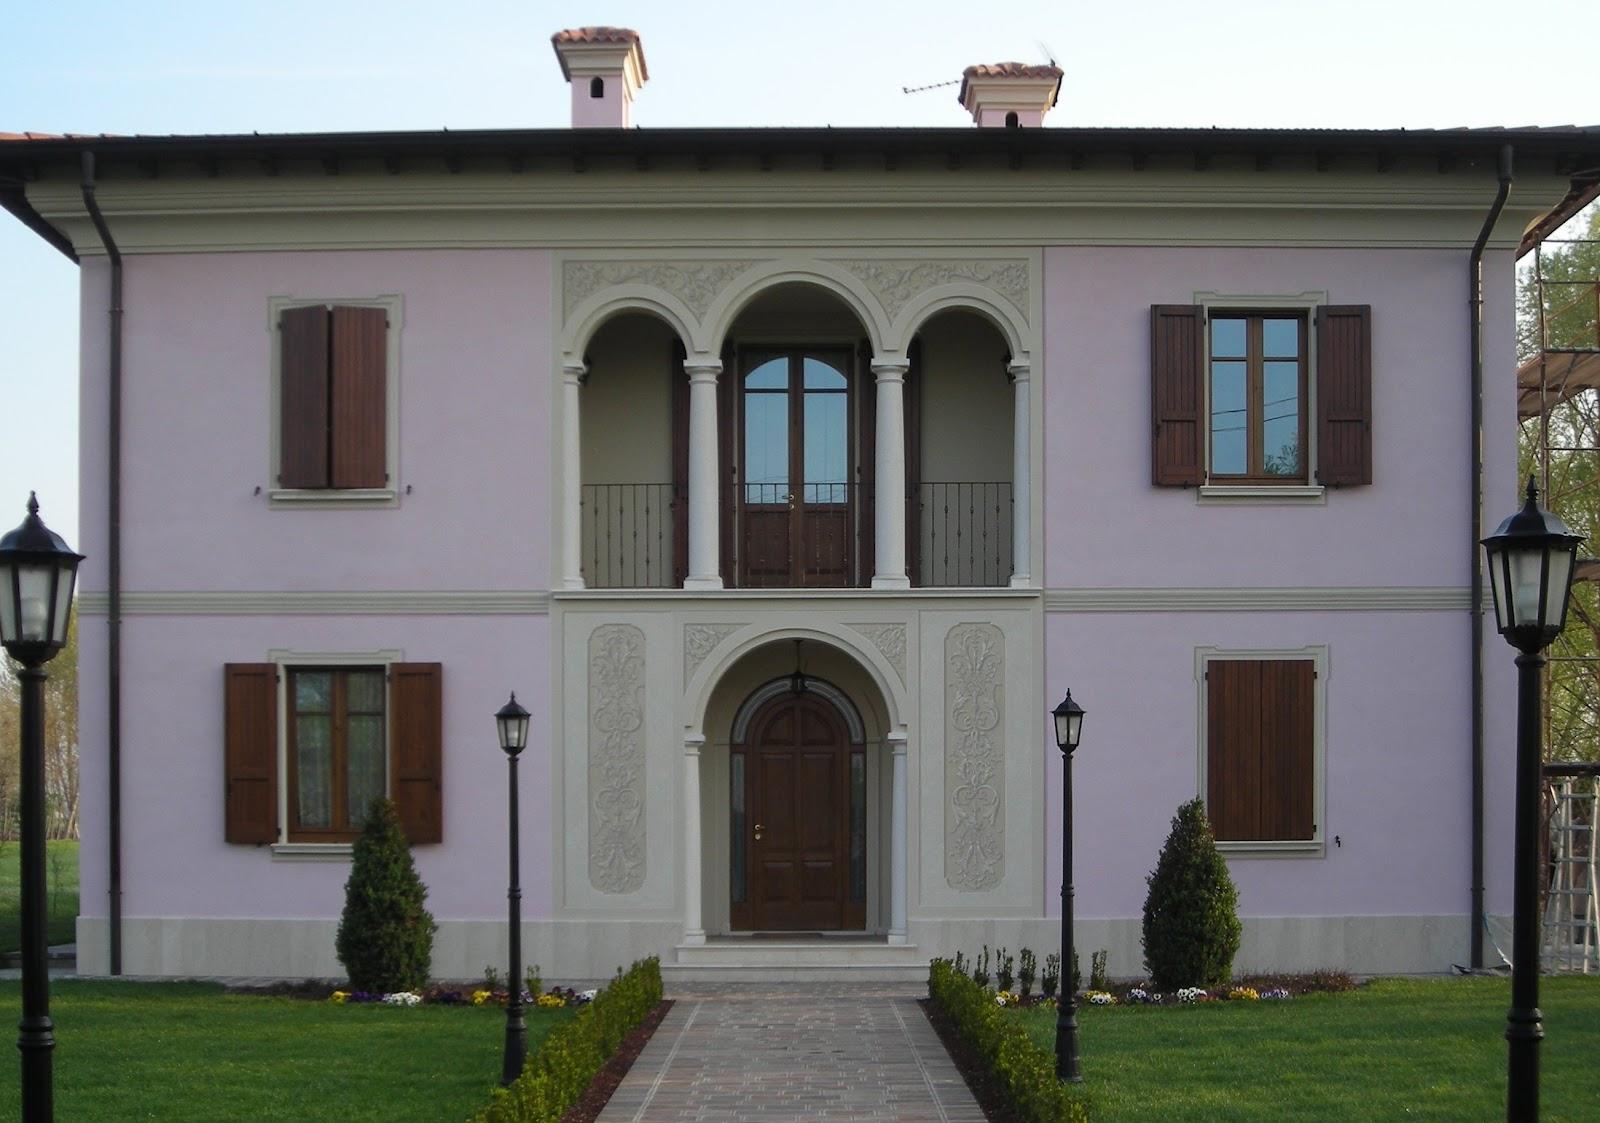 Facciata Casa Di Campagna artemusa decorazioni: facciata abitazione di campagna